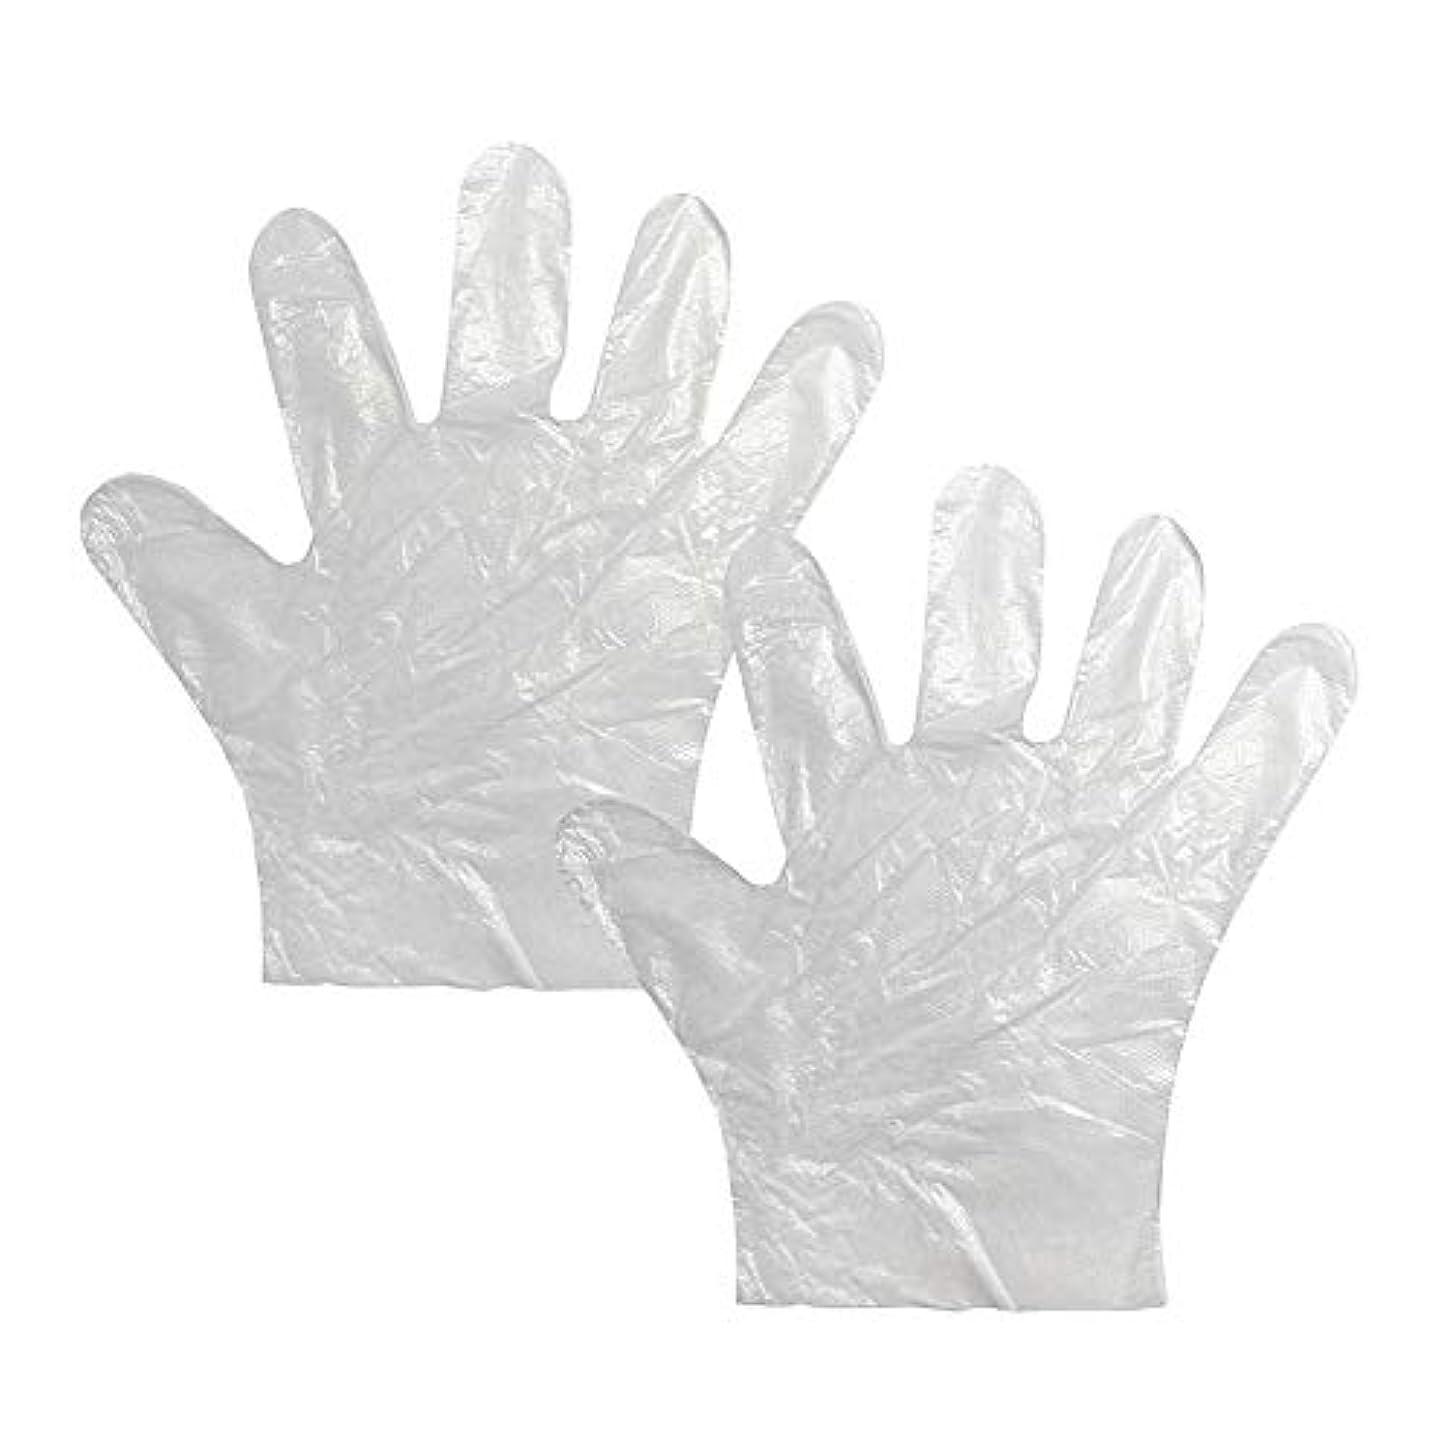 ストロークリー事前KUKUYA(ククヤ) 使い捨て手袋 極薄ビニール手袋 ポリエチレン 透明 実用 衛生 100枚*2セット